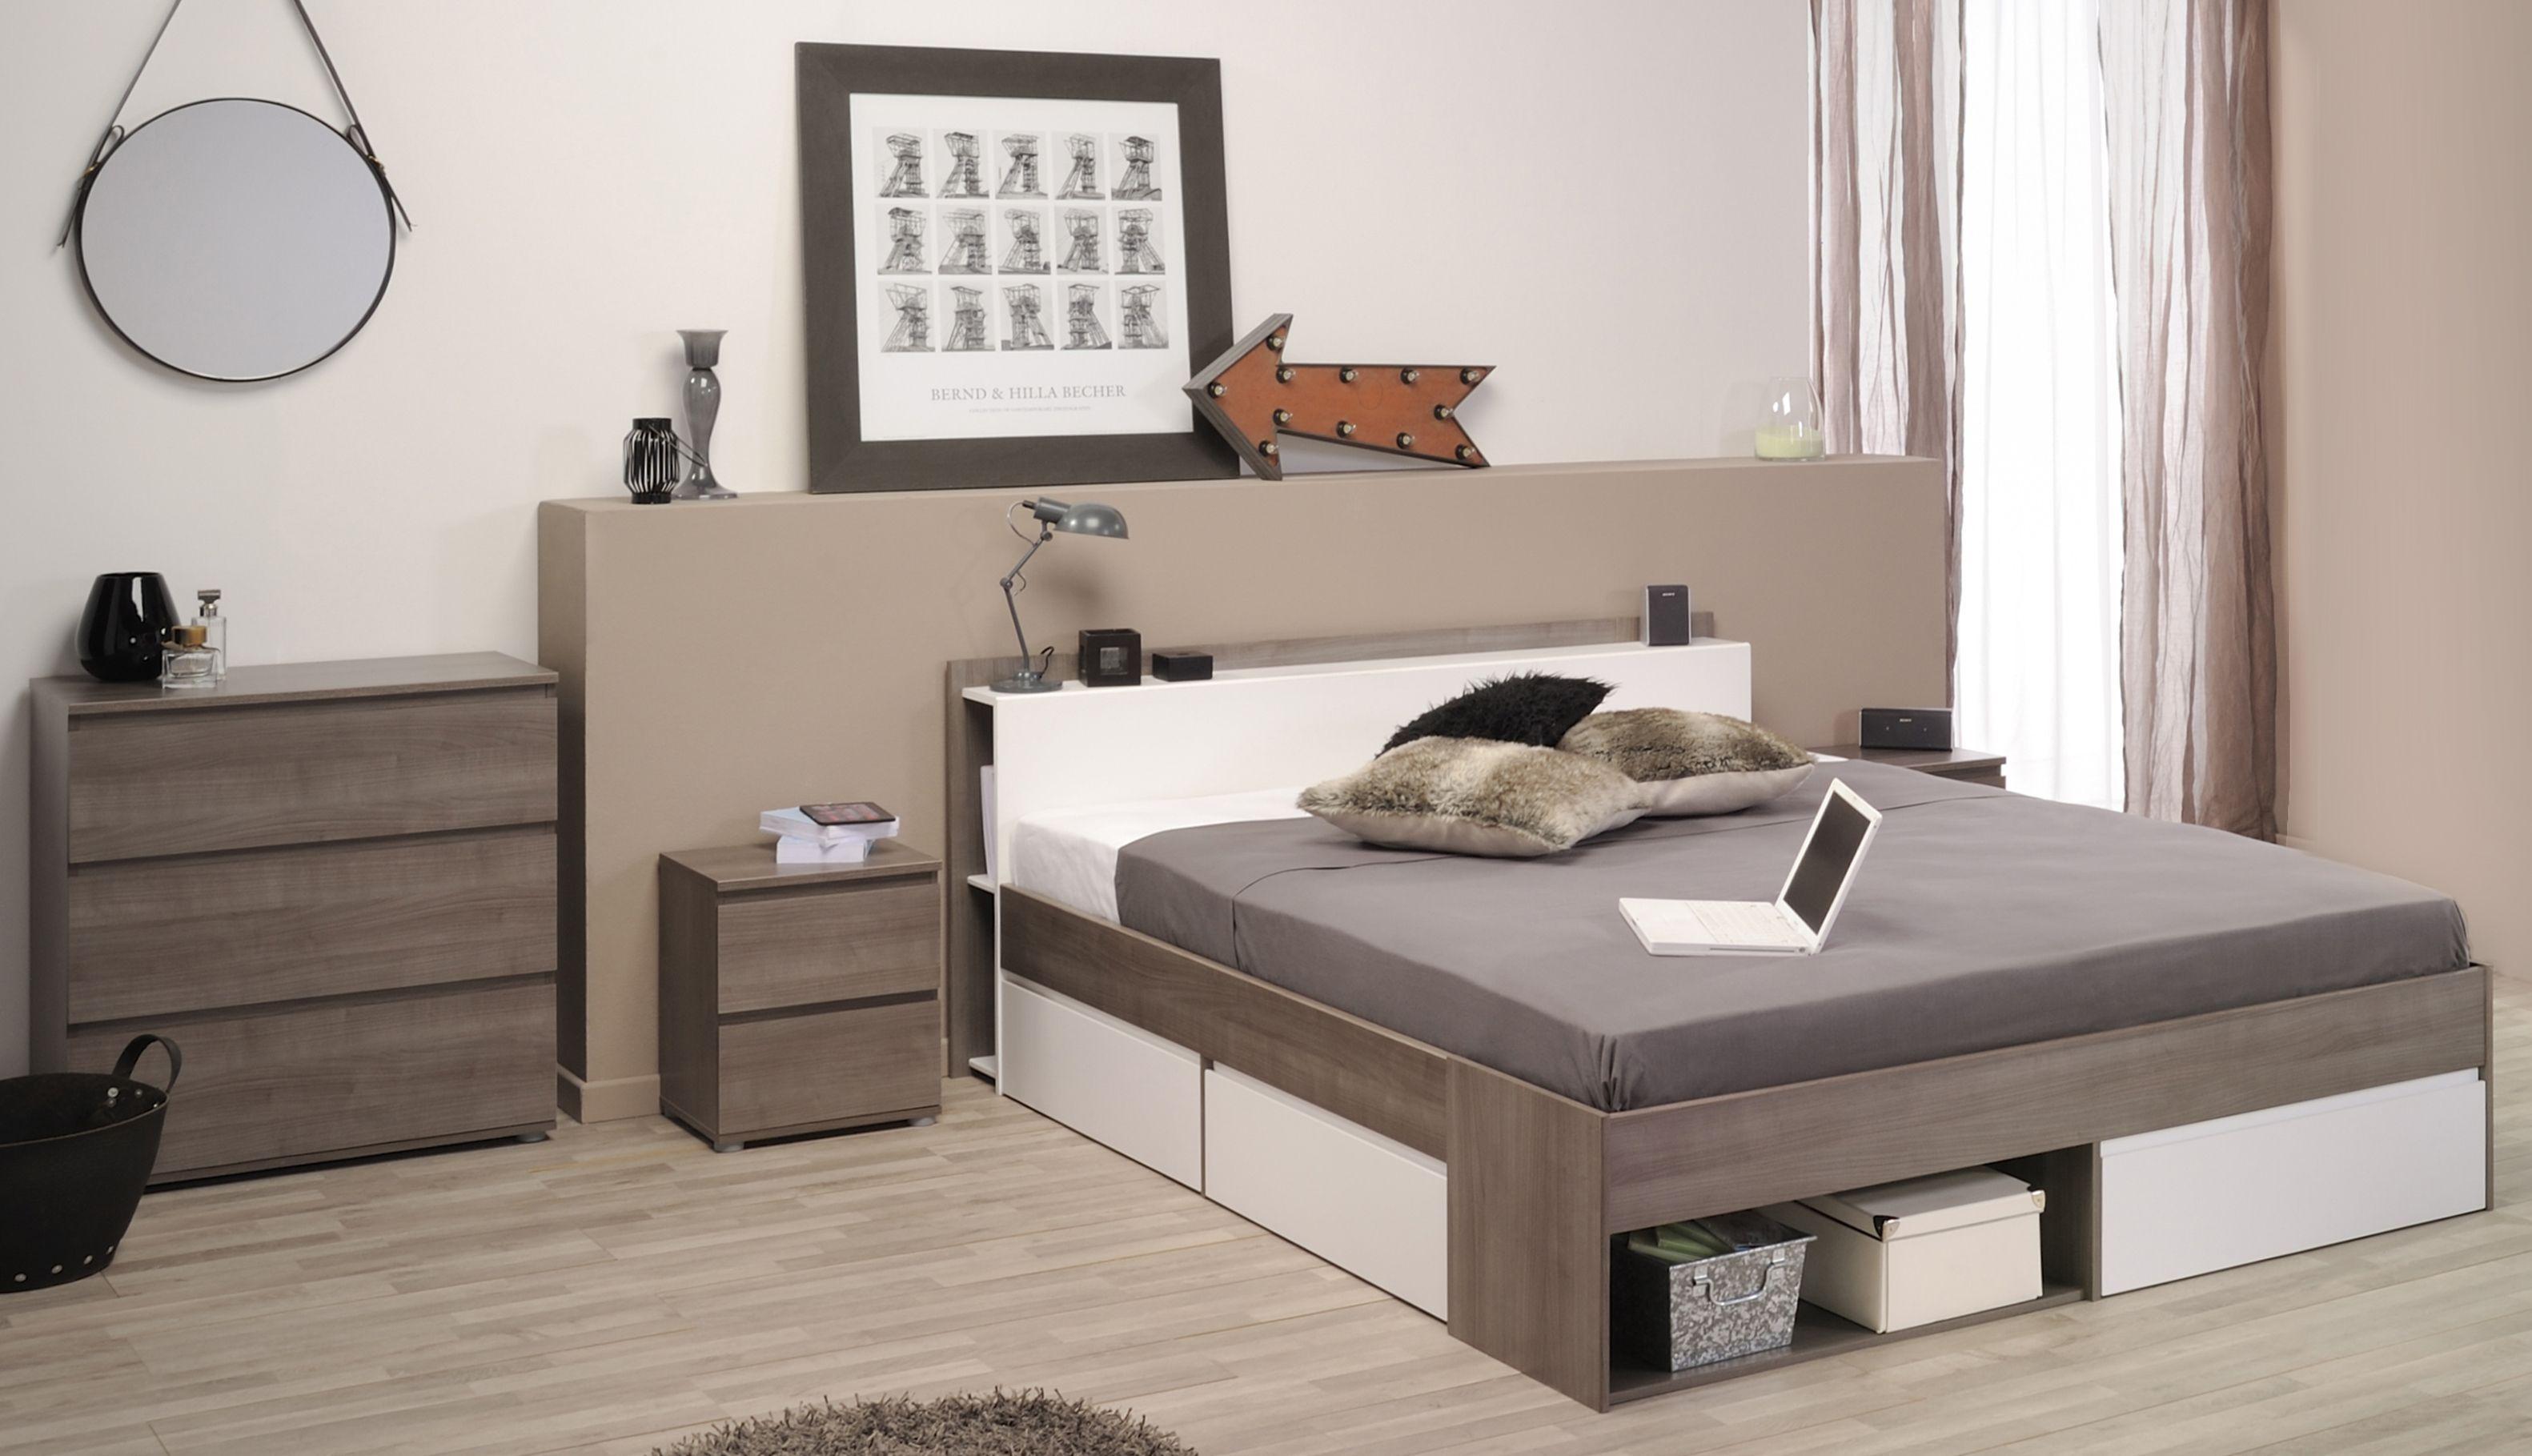 Schlafzimmer Mit Bett 160 X 200 Cm Eiche Silber/ Weiss Woody 167 ...